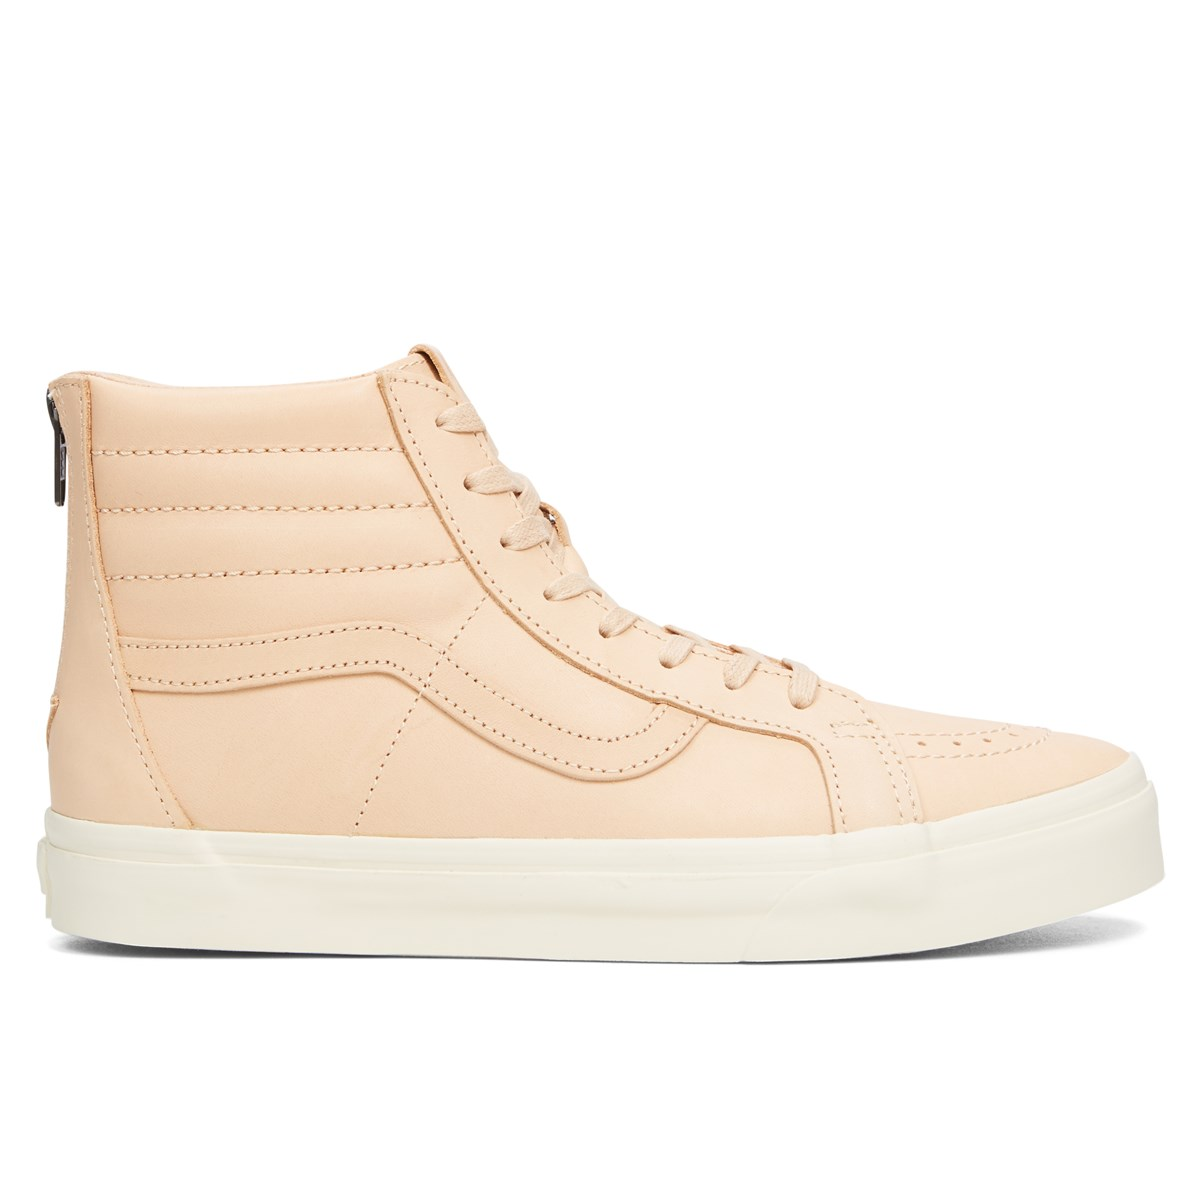 e2183d34b3 Men s SK8-HI Reissue Zip DX Sneaker. Previous. default view  ALT1  ALT2